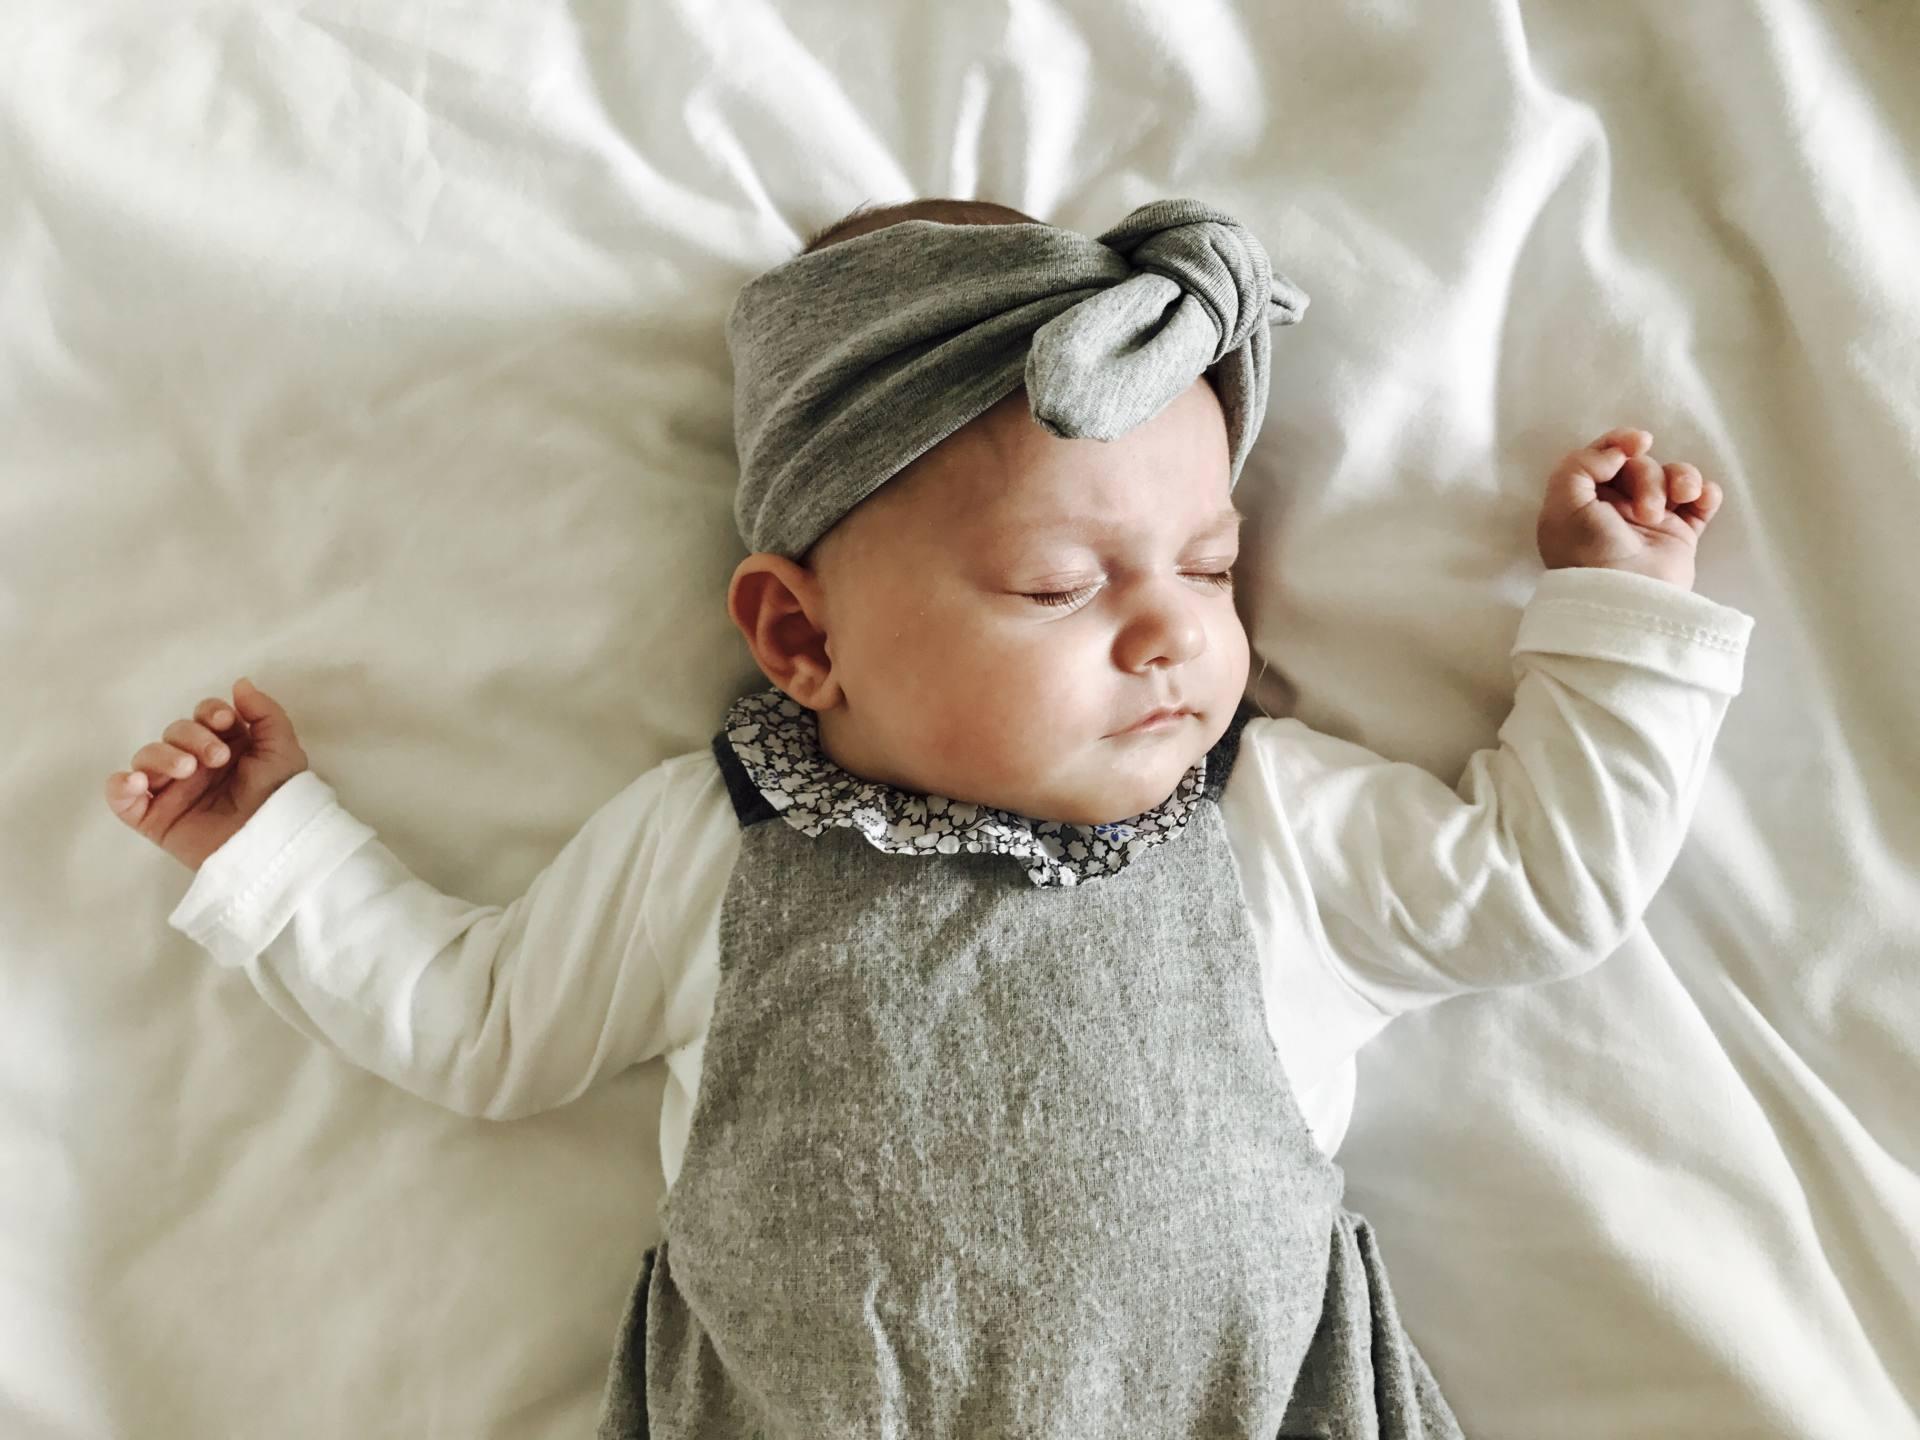 nouveau style de pas cher à vendre style à la mode BABYLOOK #2 - COMBI-BLOOMER - Juste Maudinette